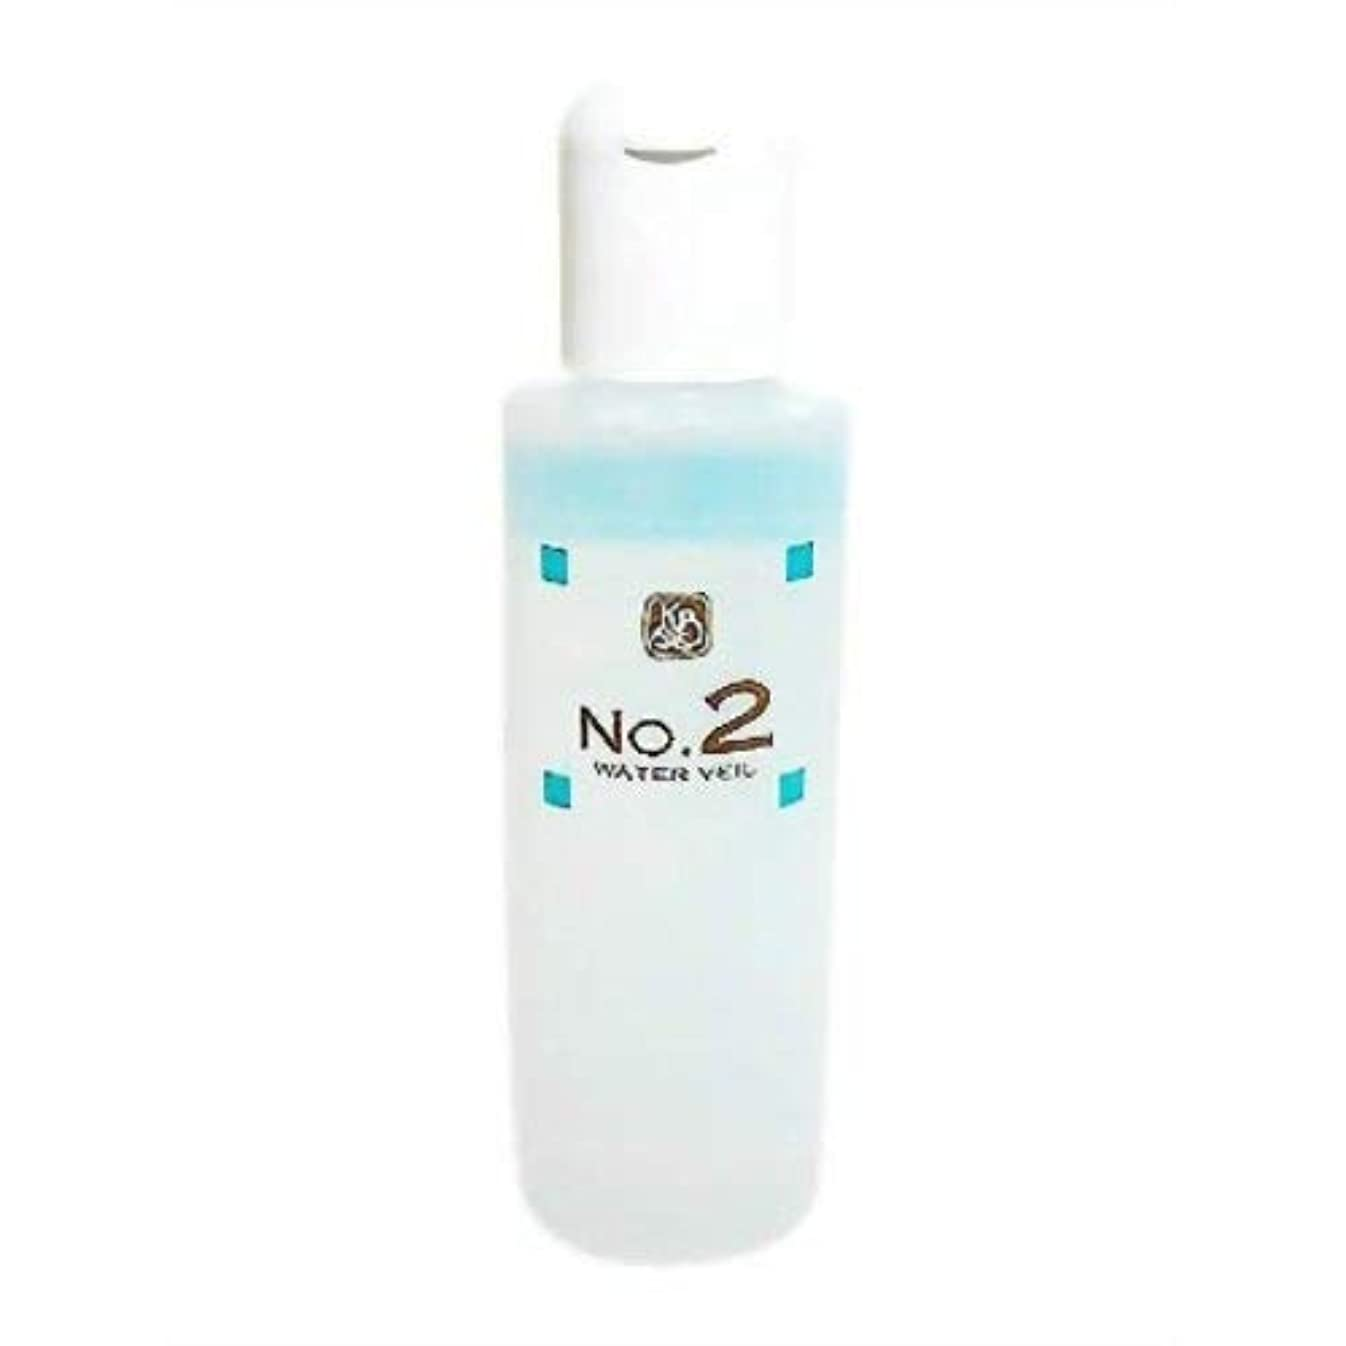 ペストフロントミス顔を洗う水 ウォーターベールNO2 150ml